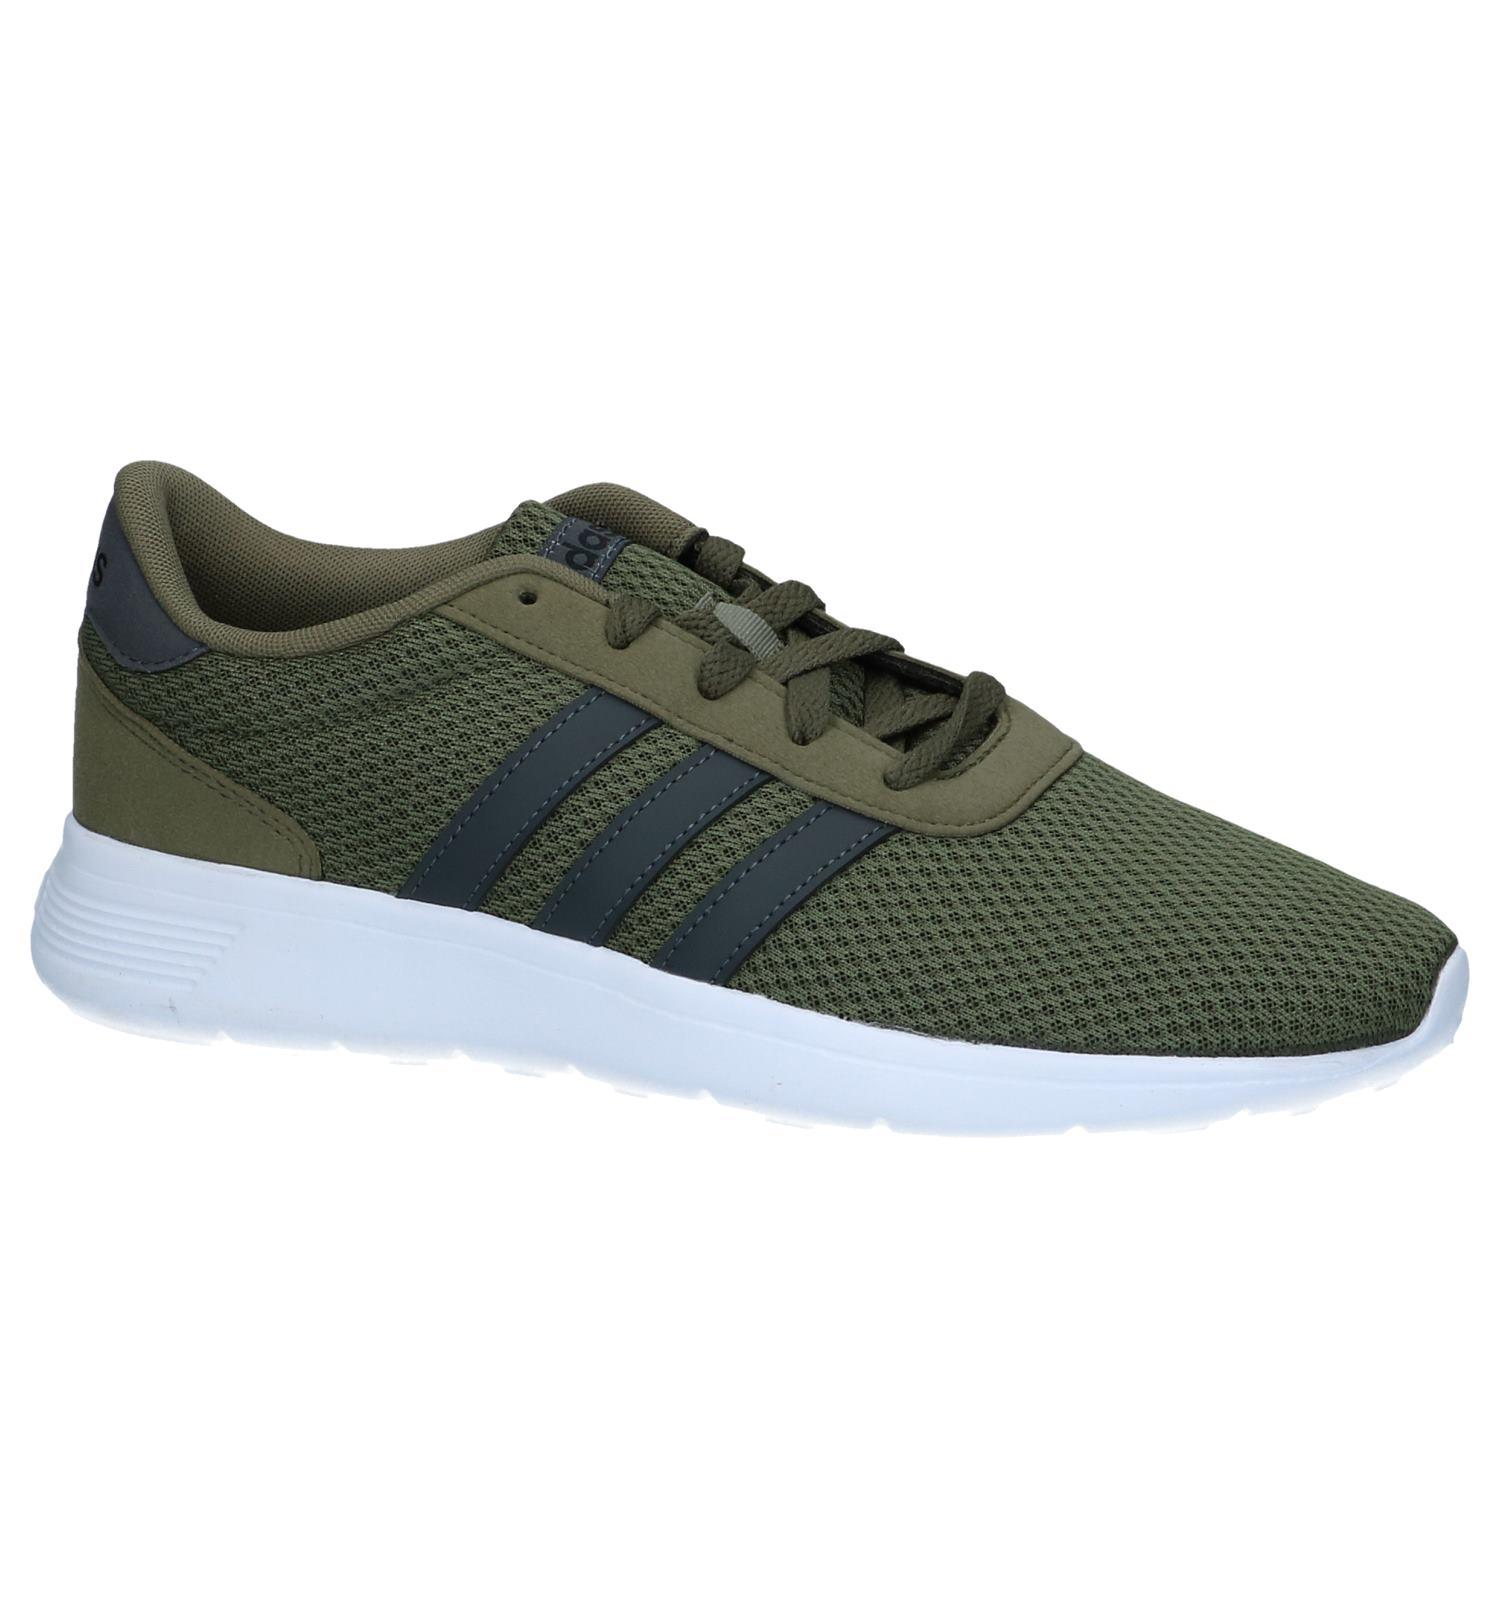 Chaussures de marche sportive pour femme Adidas Lite racer